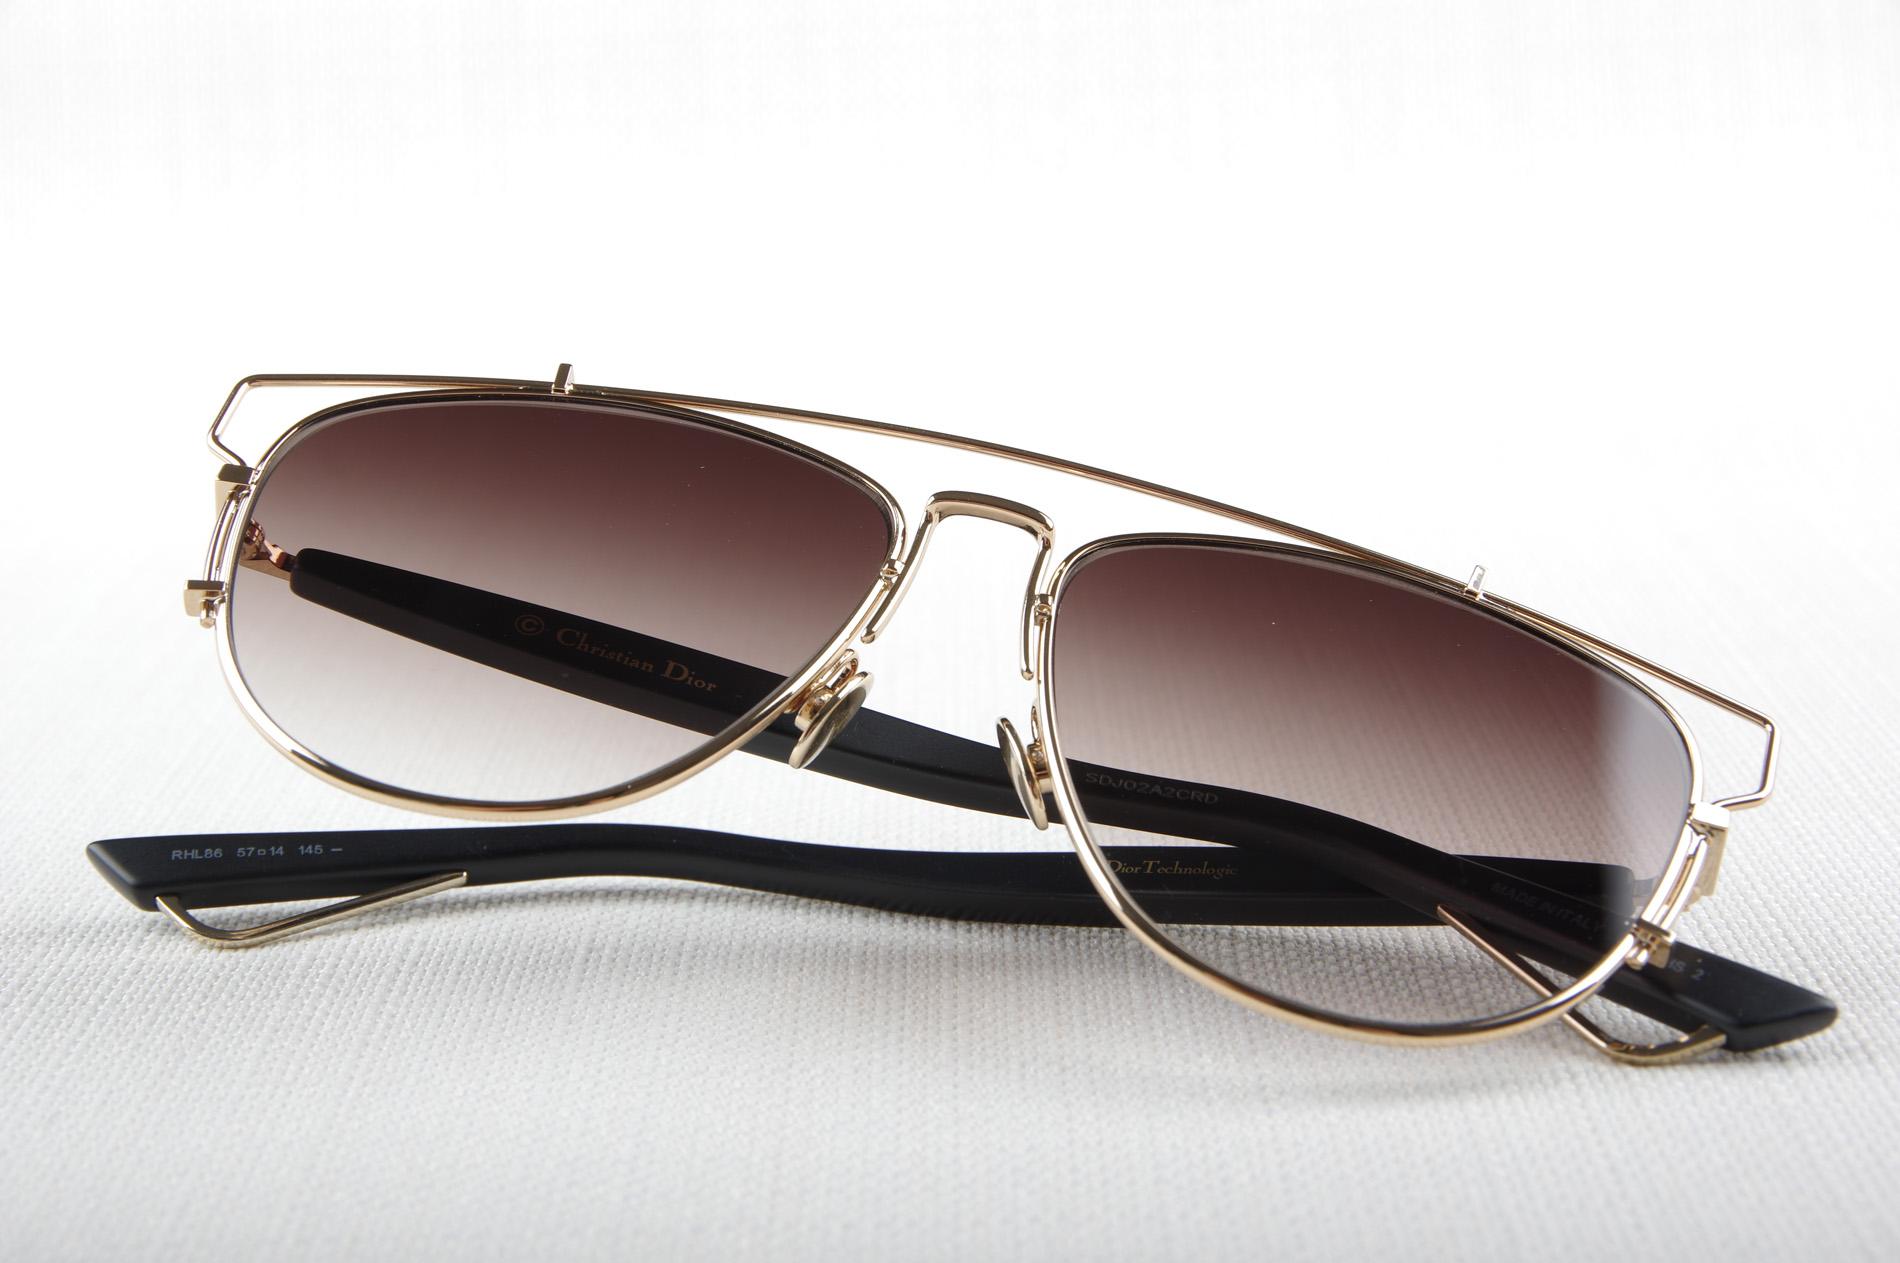 3d50899a953f88 ... Où trouver les lunettes DIOR TECHNOLOGIC proche LE HAVRE 76 ...